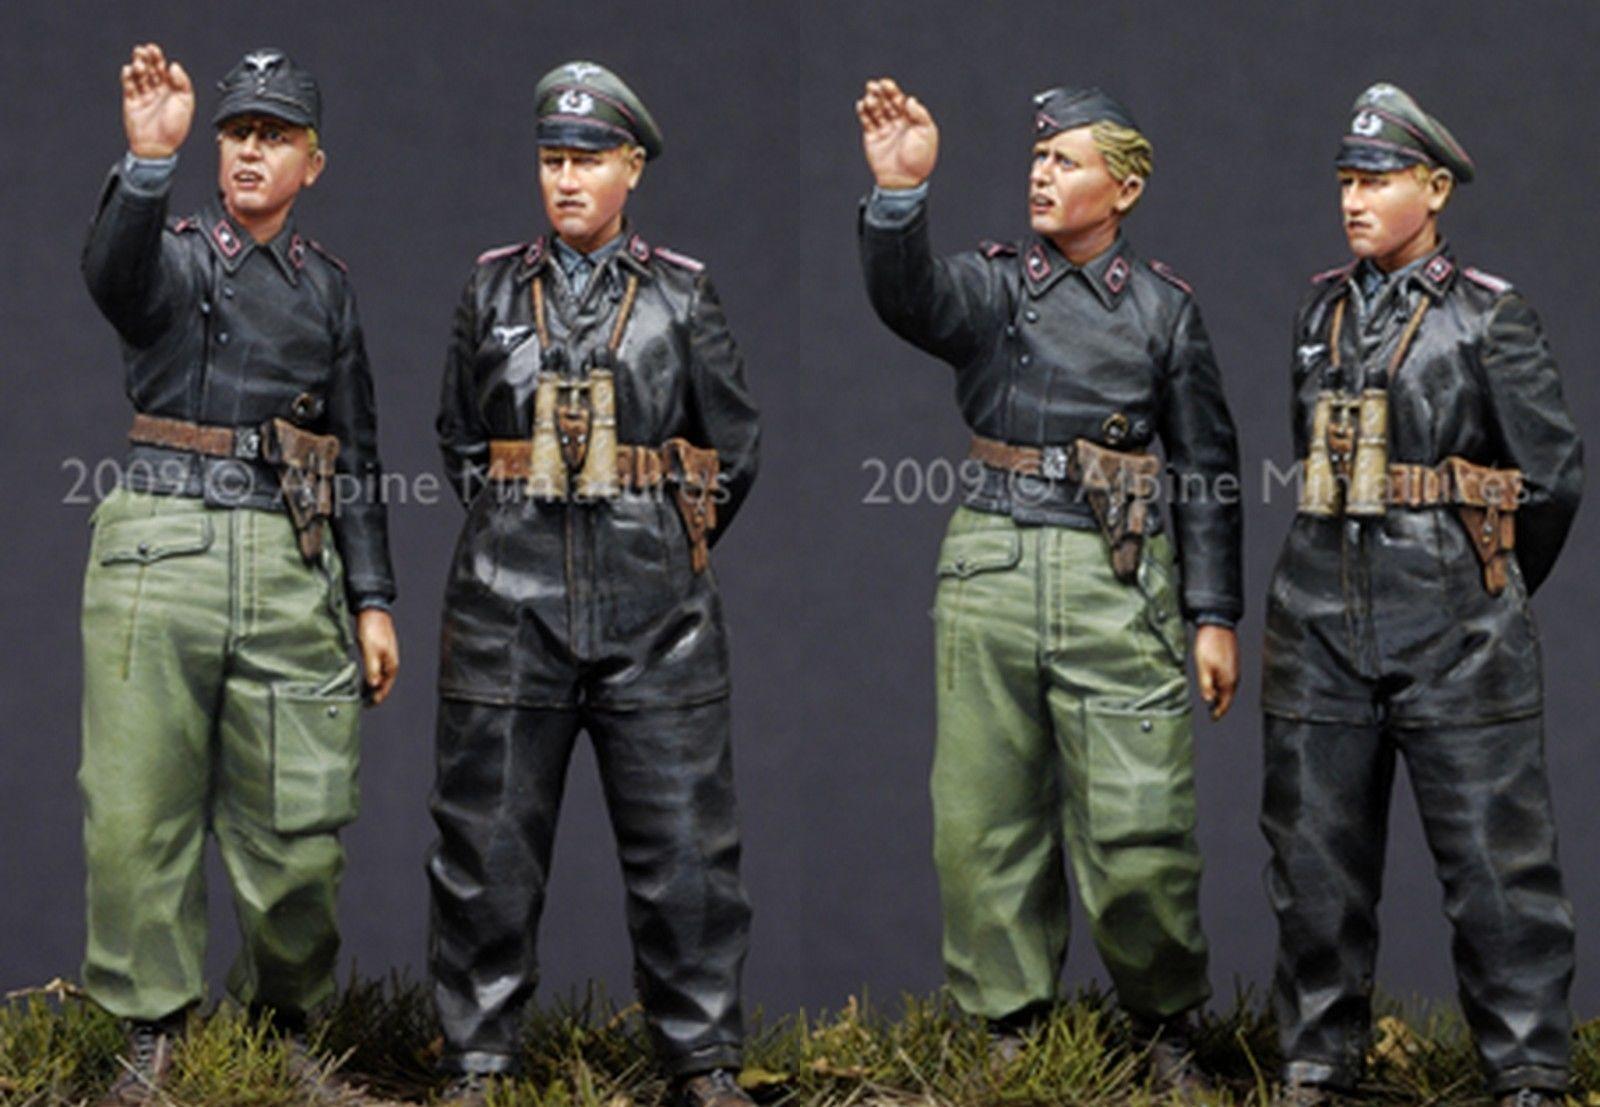 ALPINE MINIATURES, 35086, German Heer Pz Crew 2 figures set, SCALE 1 35